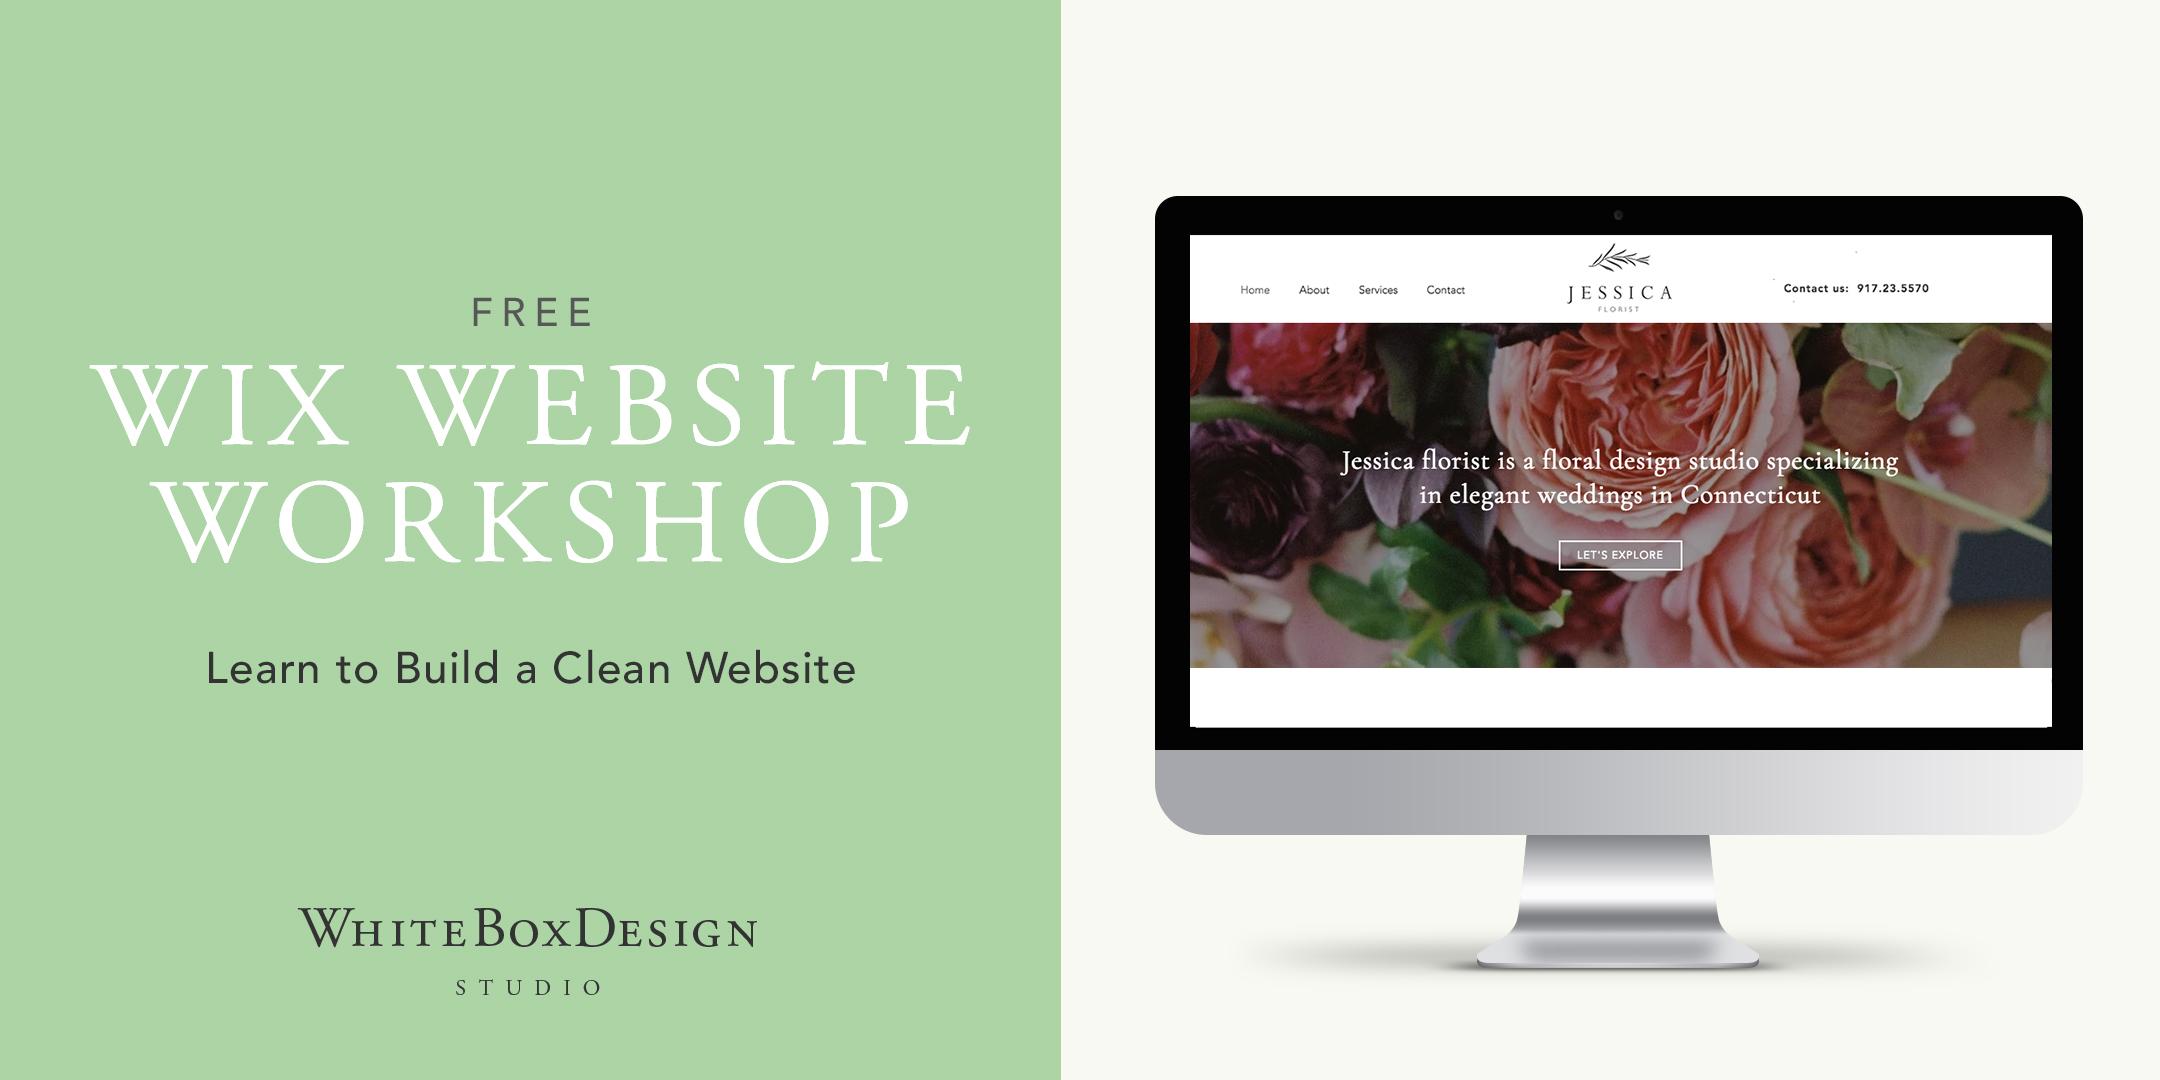 White Box Design Studio hosting a Wix website workshop